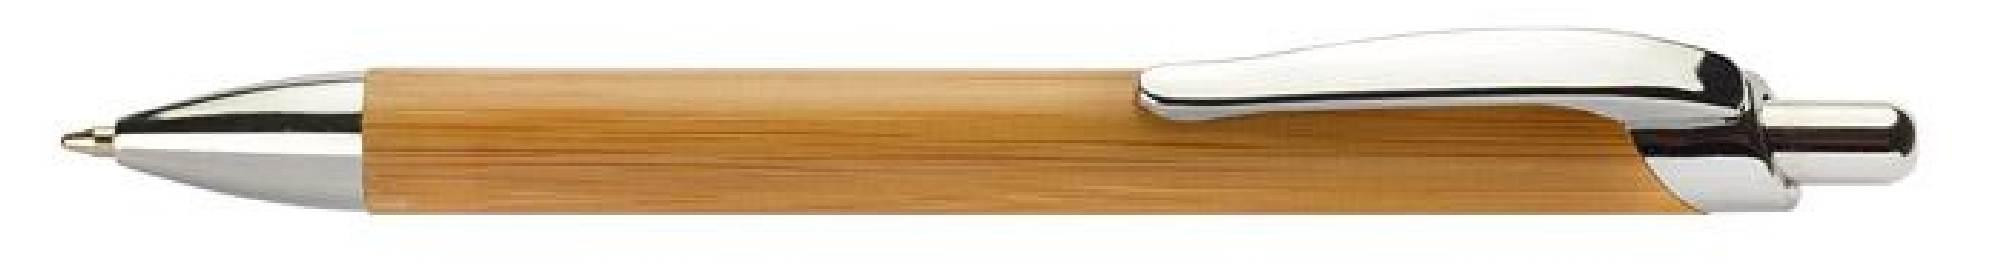 Długopisy ekologiczne bambusowe – 19591